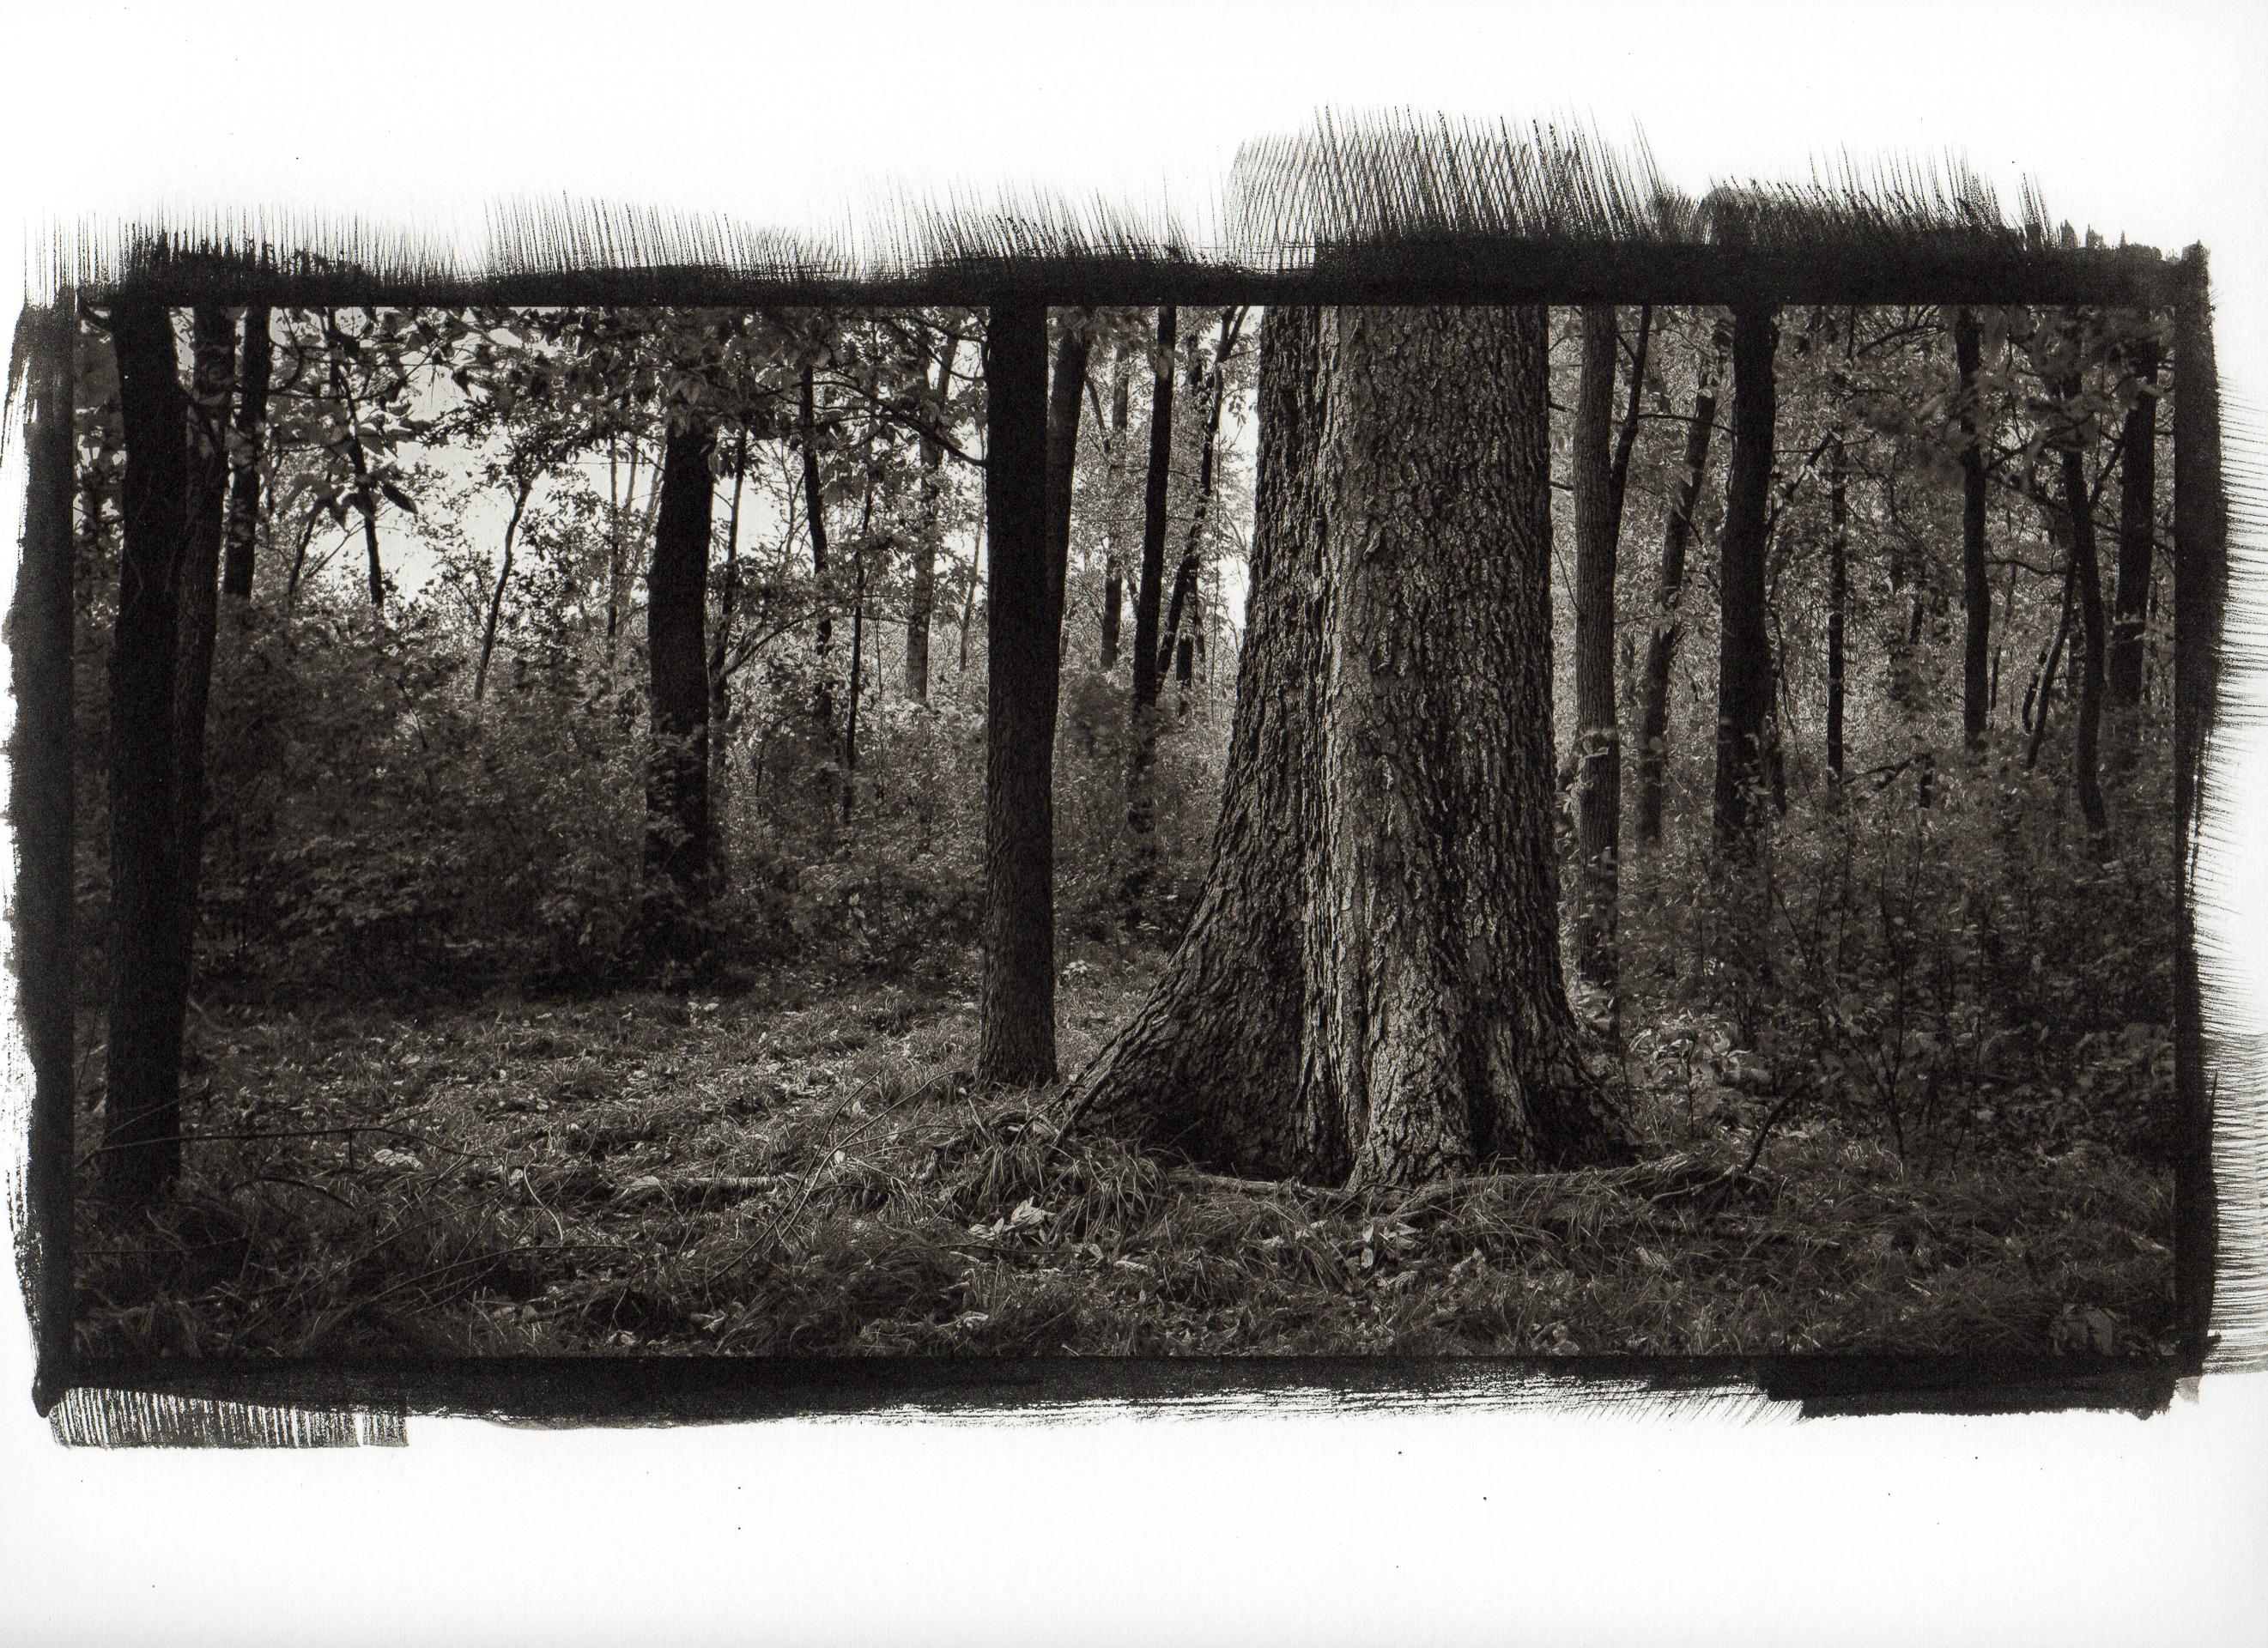 Hintergrundbilder : Bäume, Zeichnung, Wald, Pflanzen, Holz, USA ...